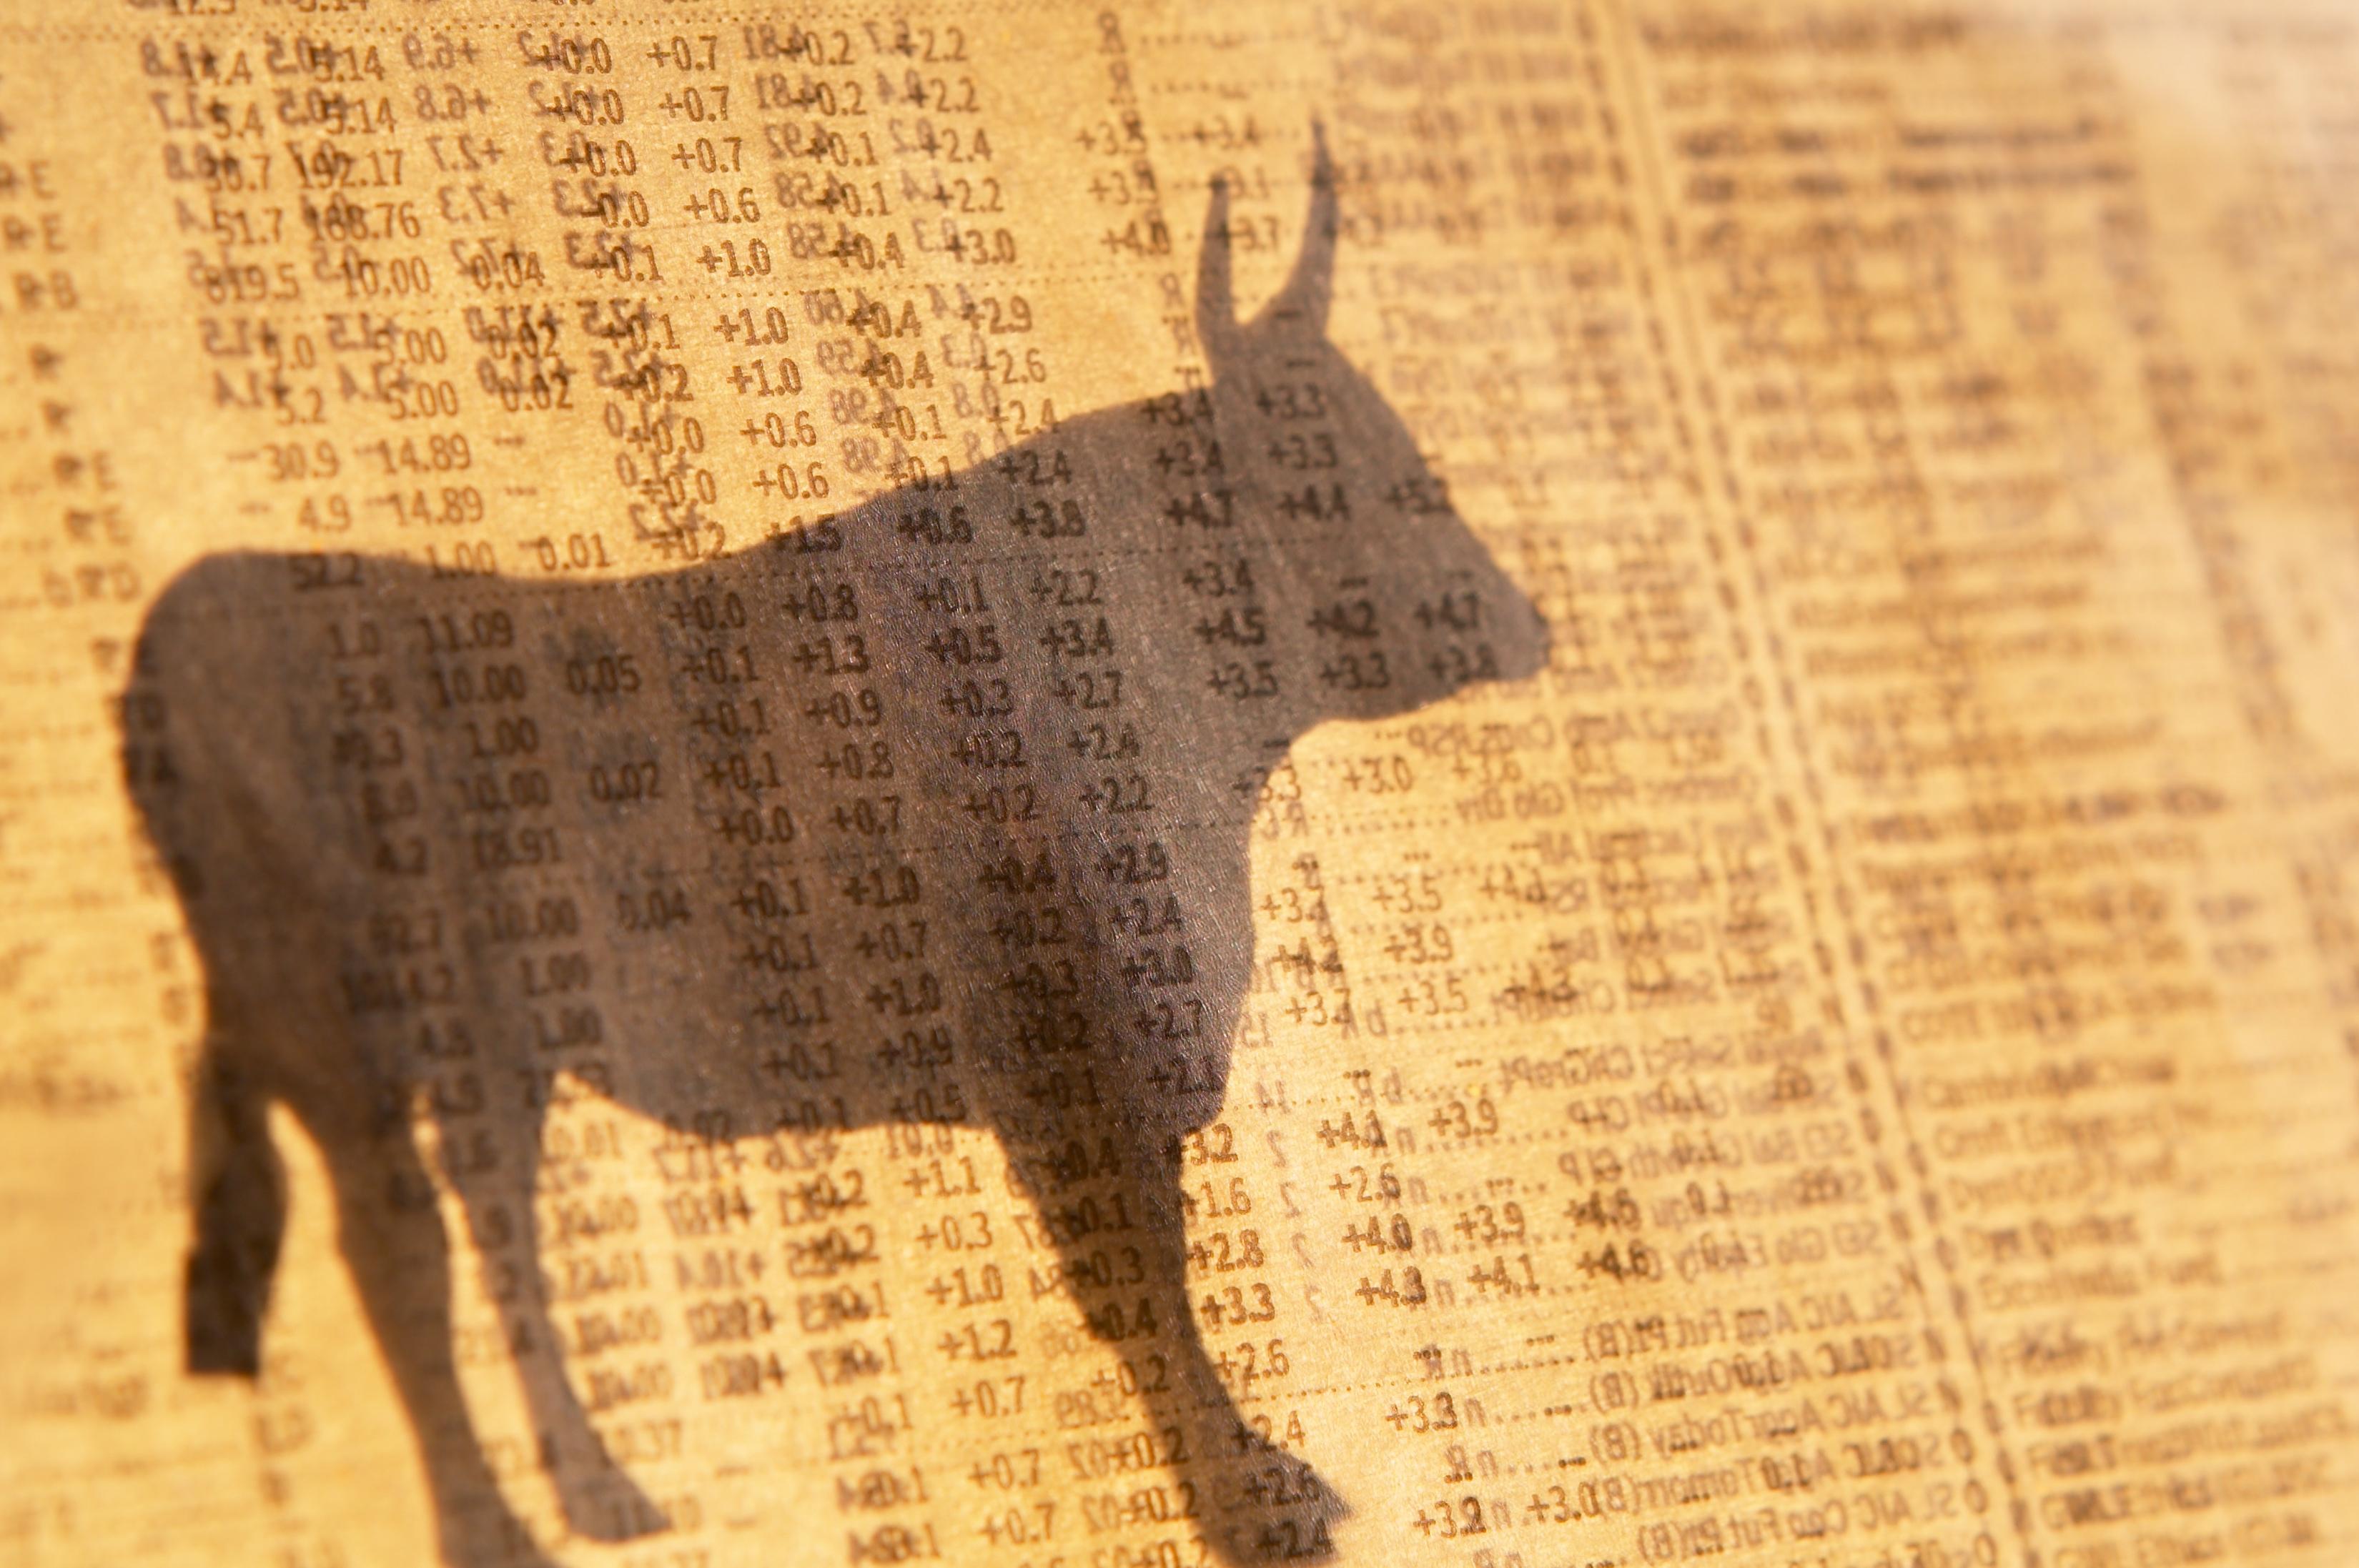 shadow of a bull on the floor